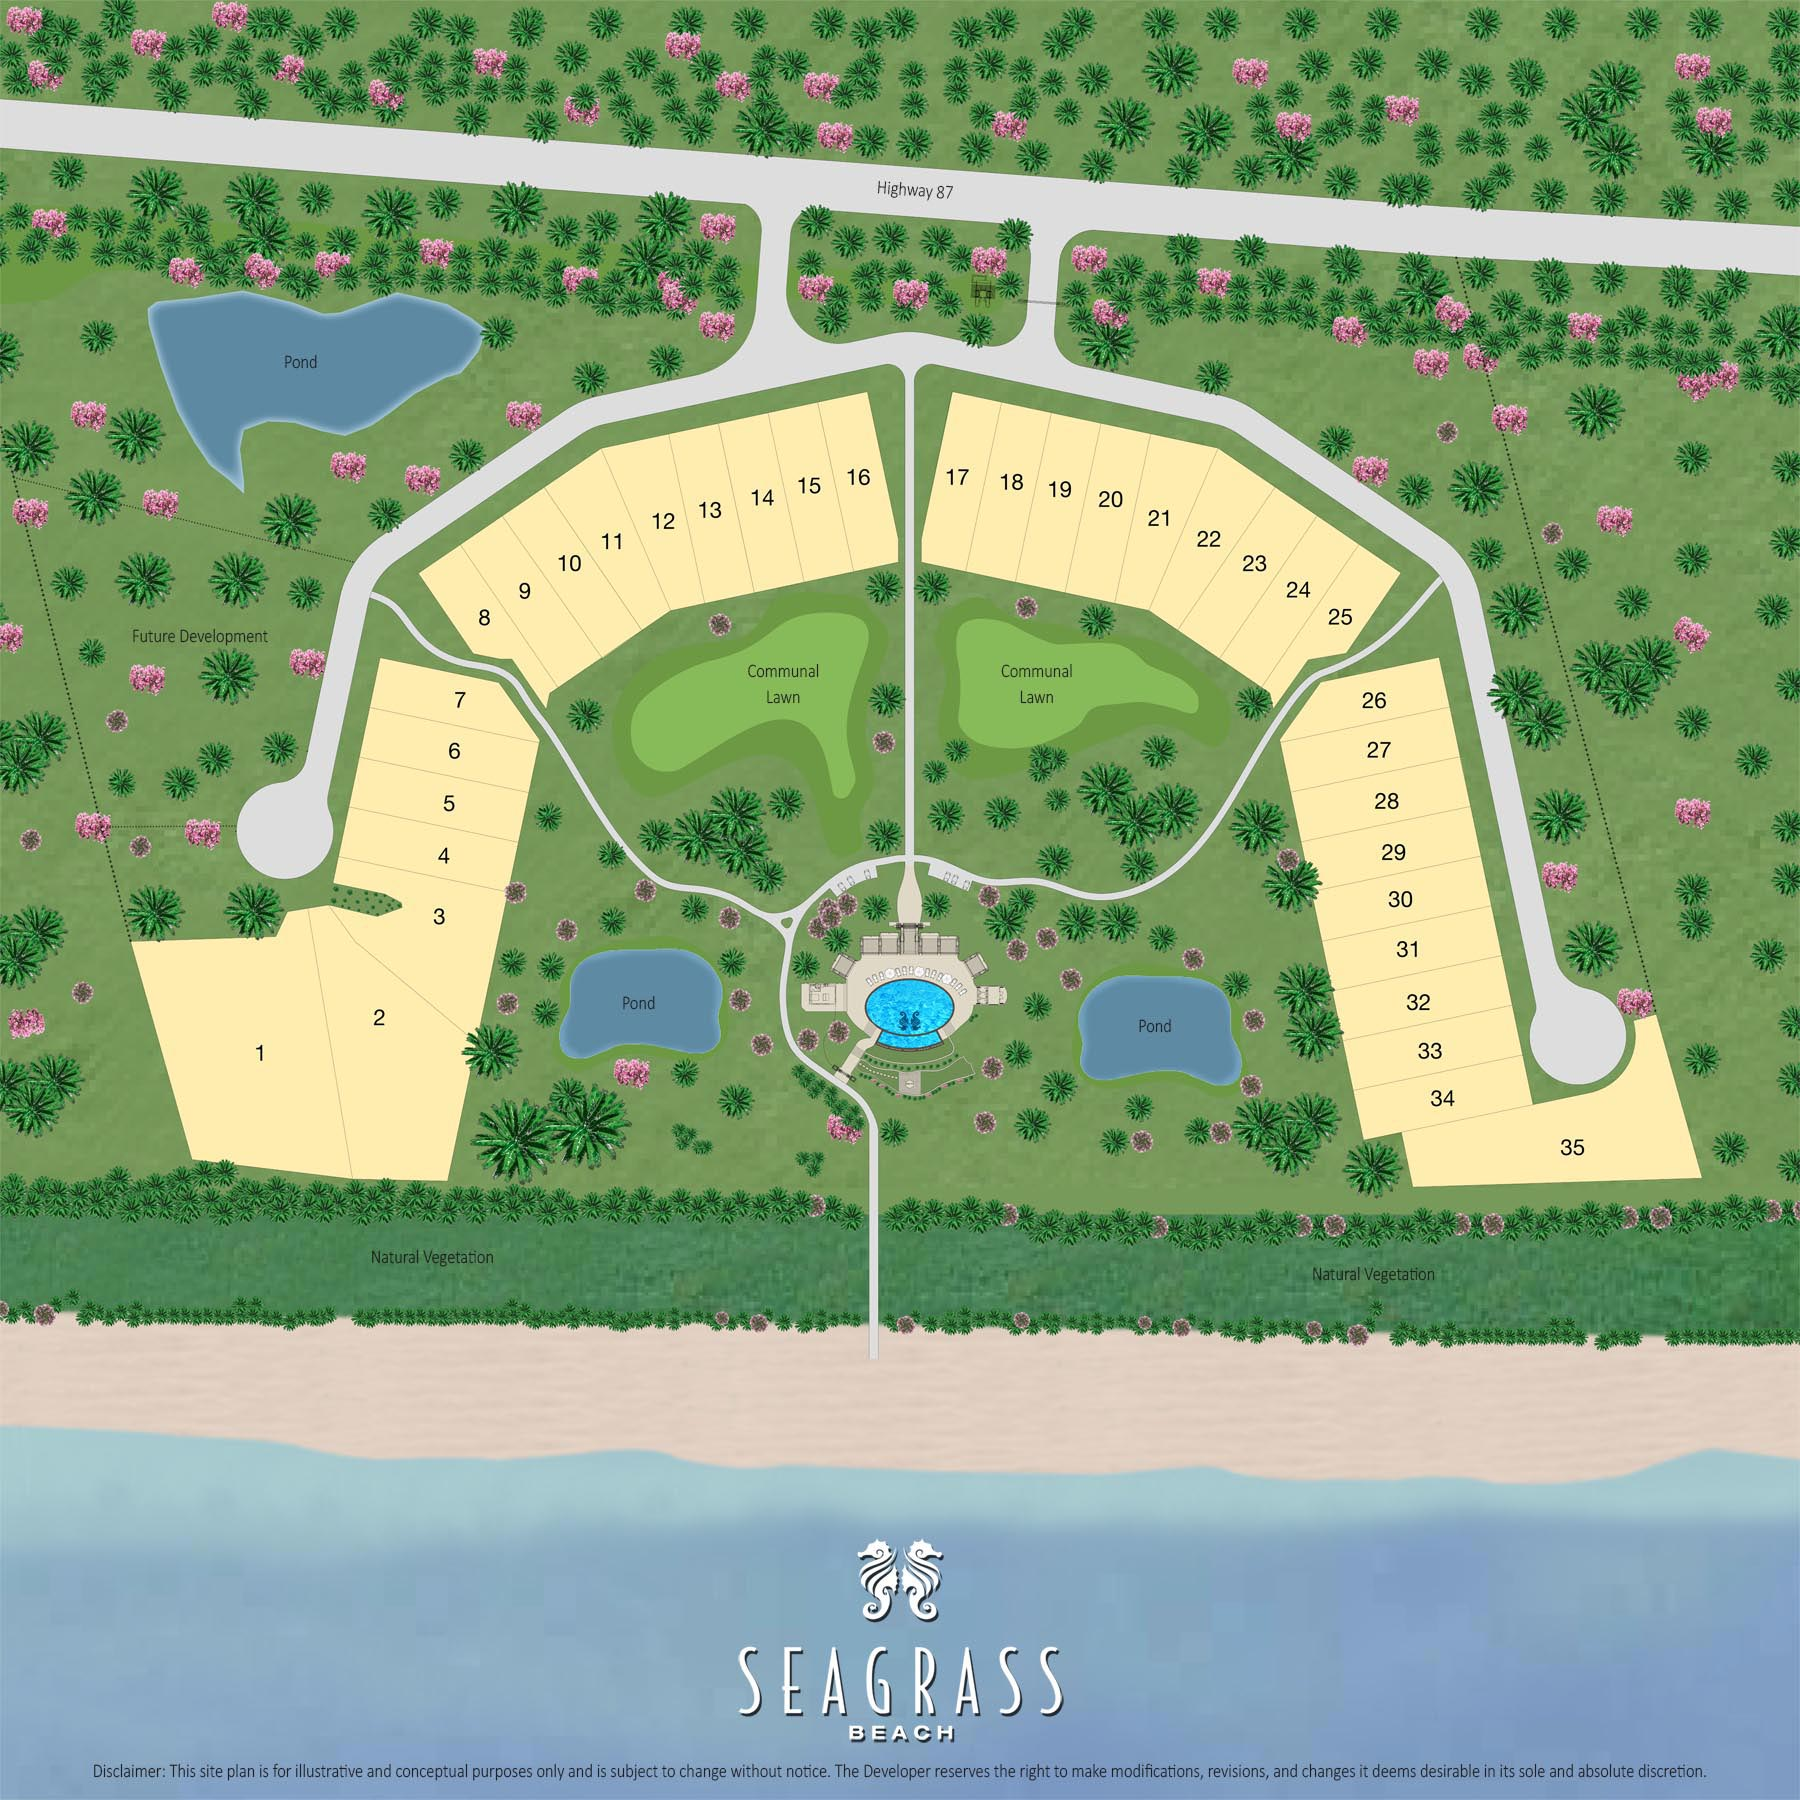 Seagrass-Beach---Site-Plan.jpg